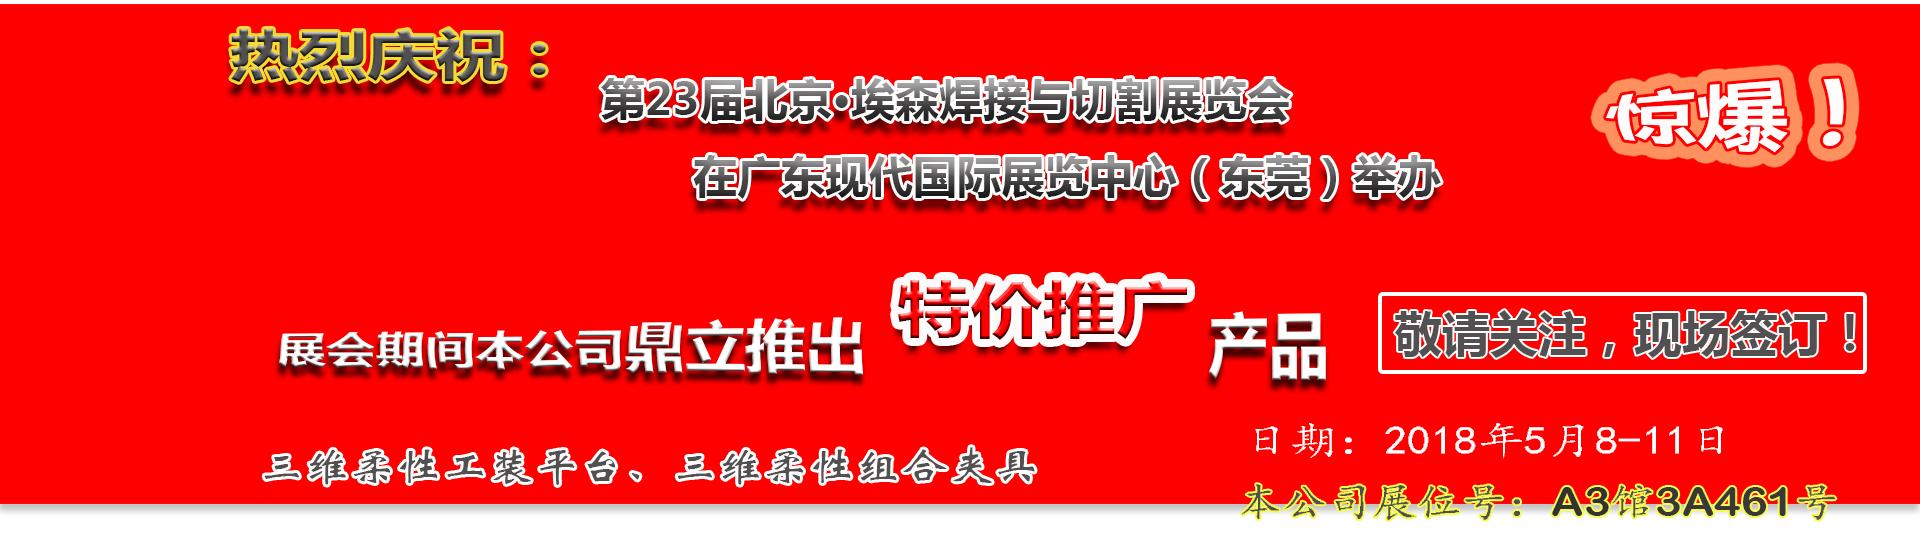 第23届北京·埃森焊接与切割展览会